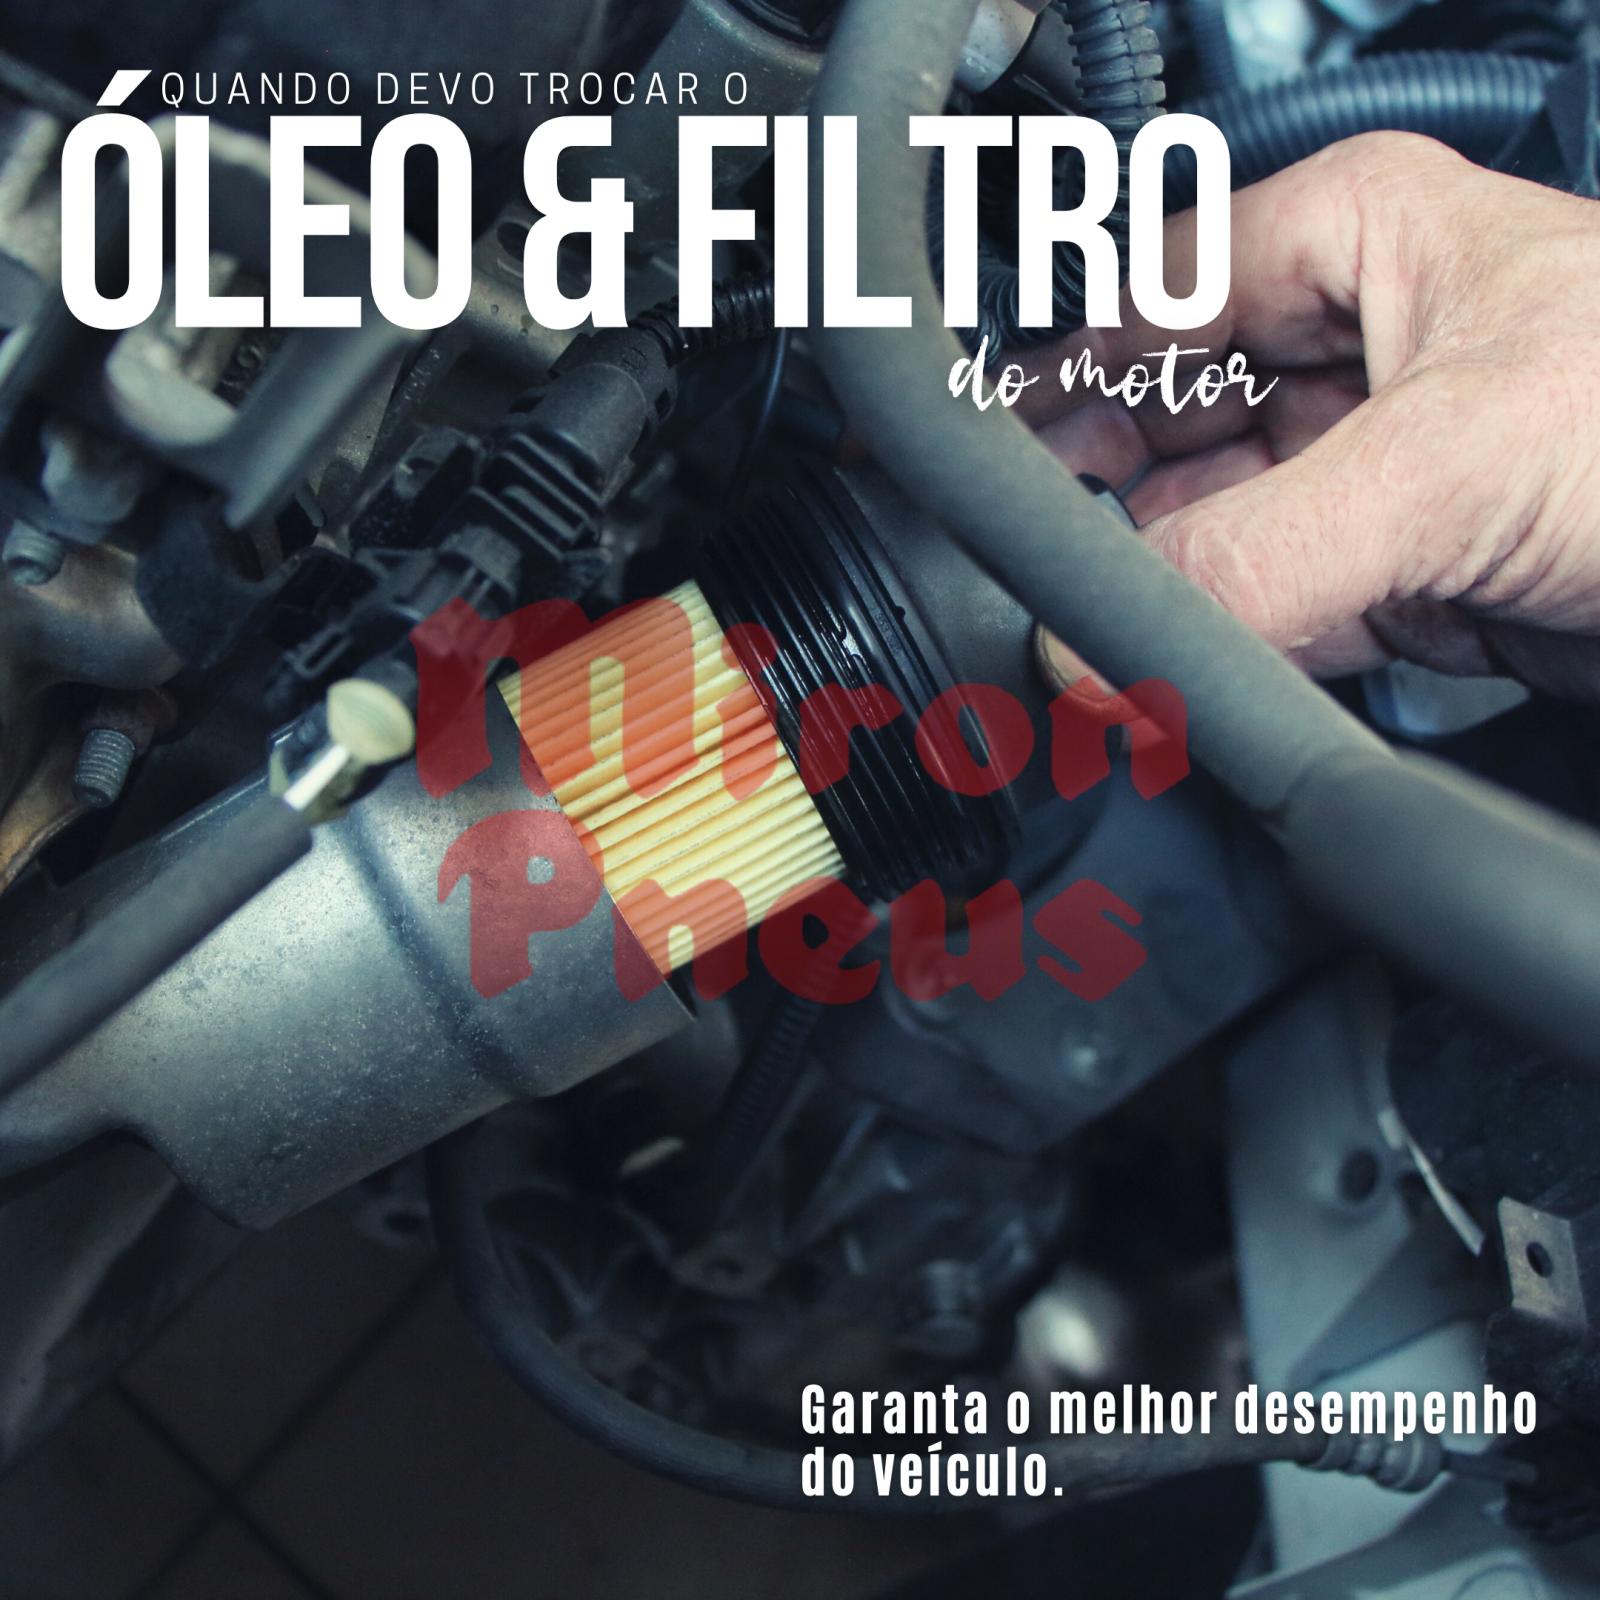 Óleo e filtro do motor - quando trocar?